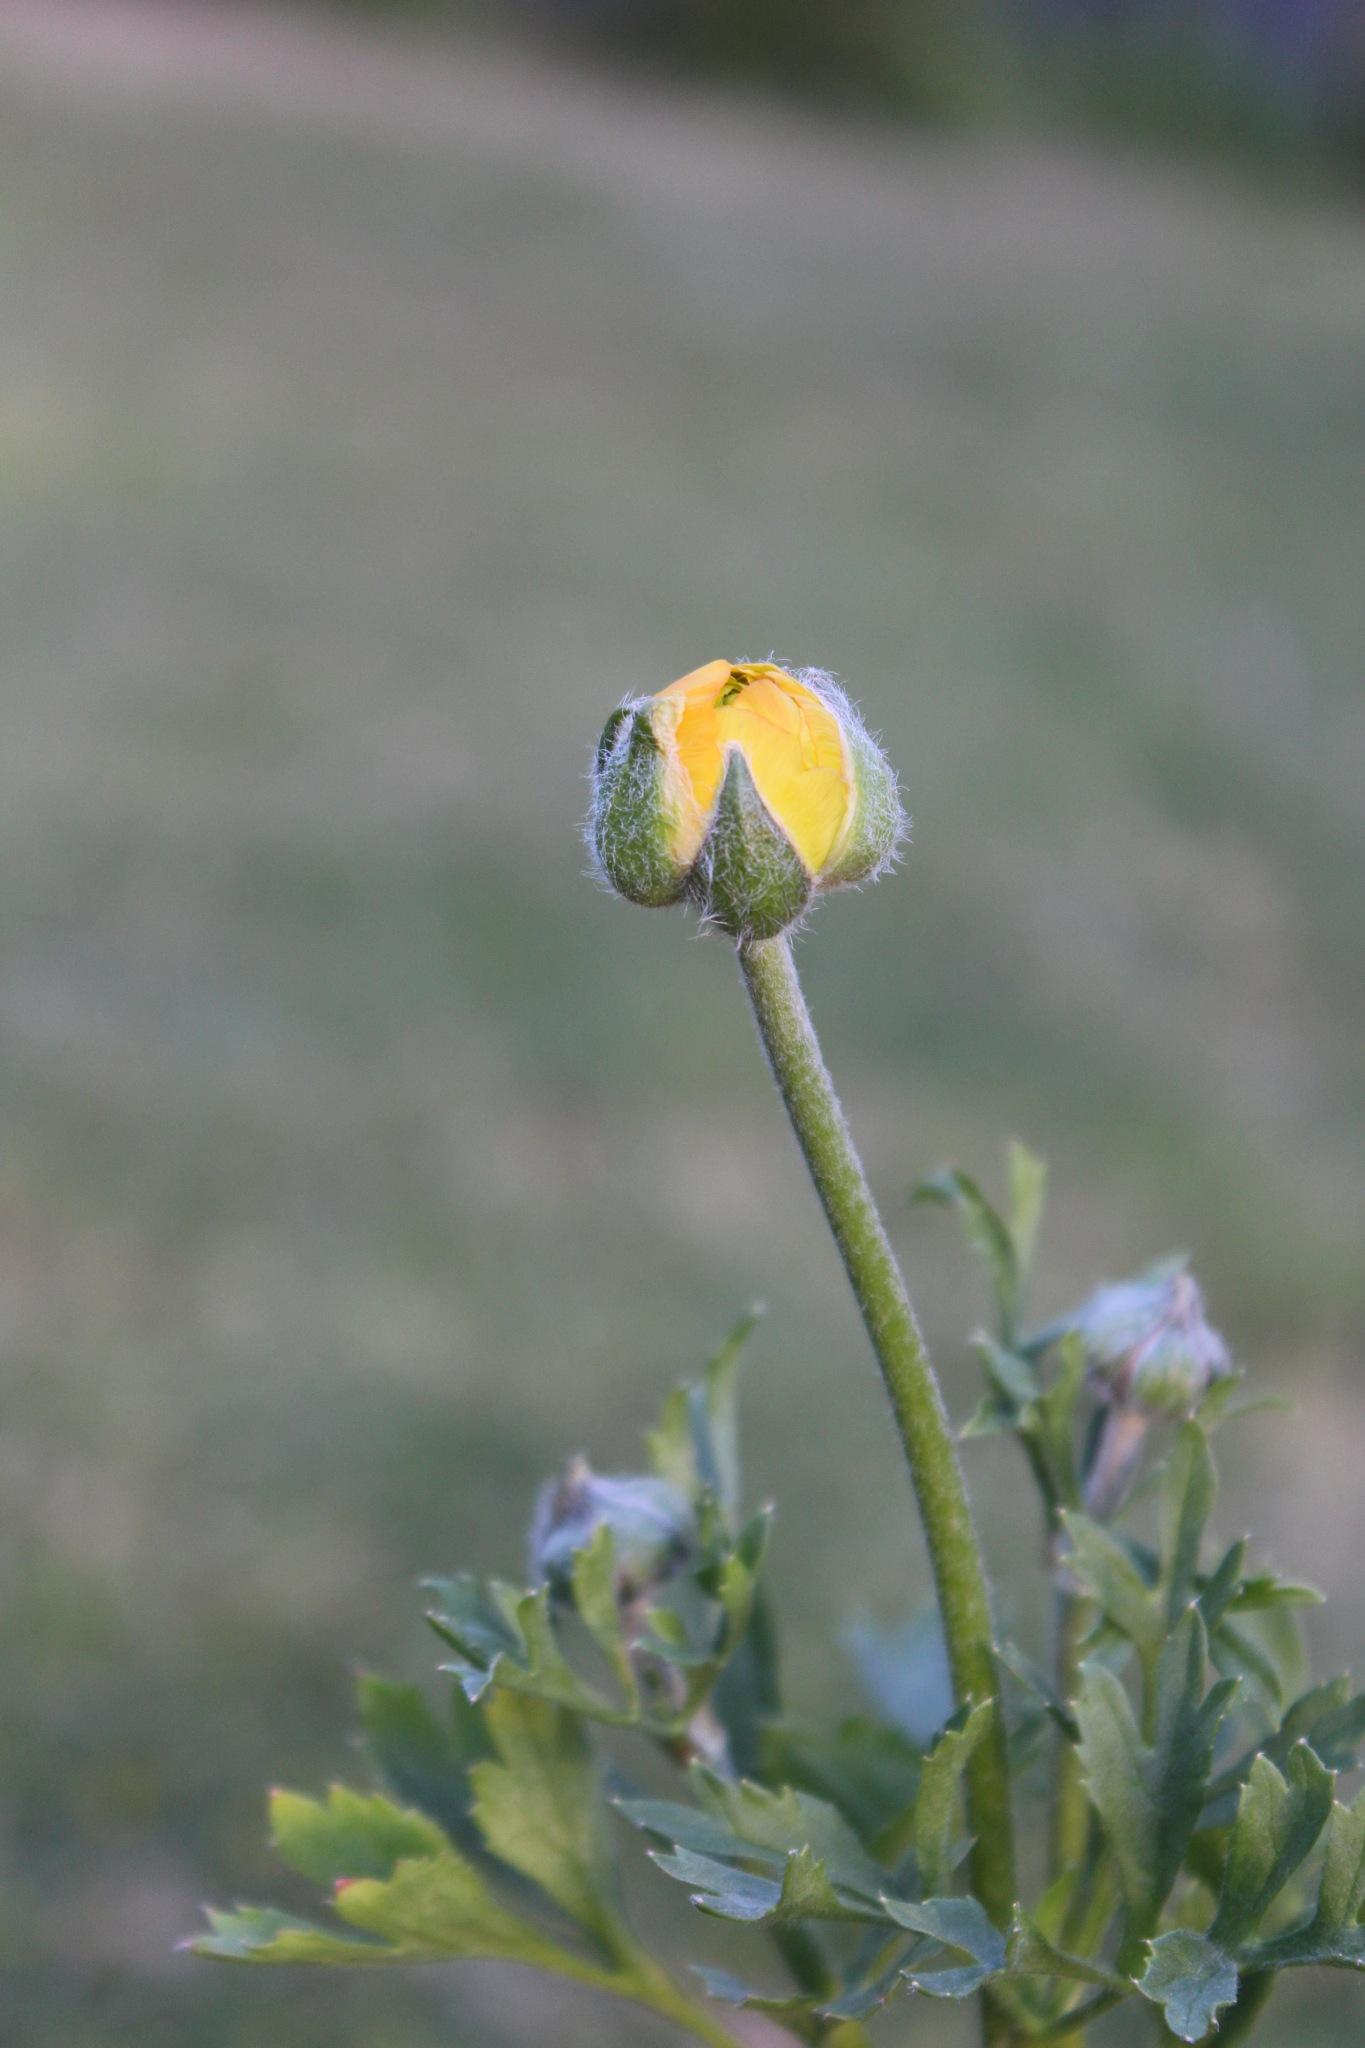 Yellow Ranunculus by Yeakuty Jhanker